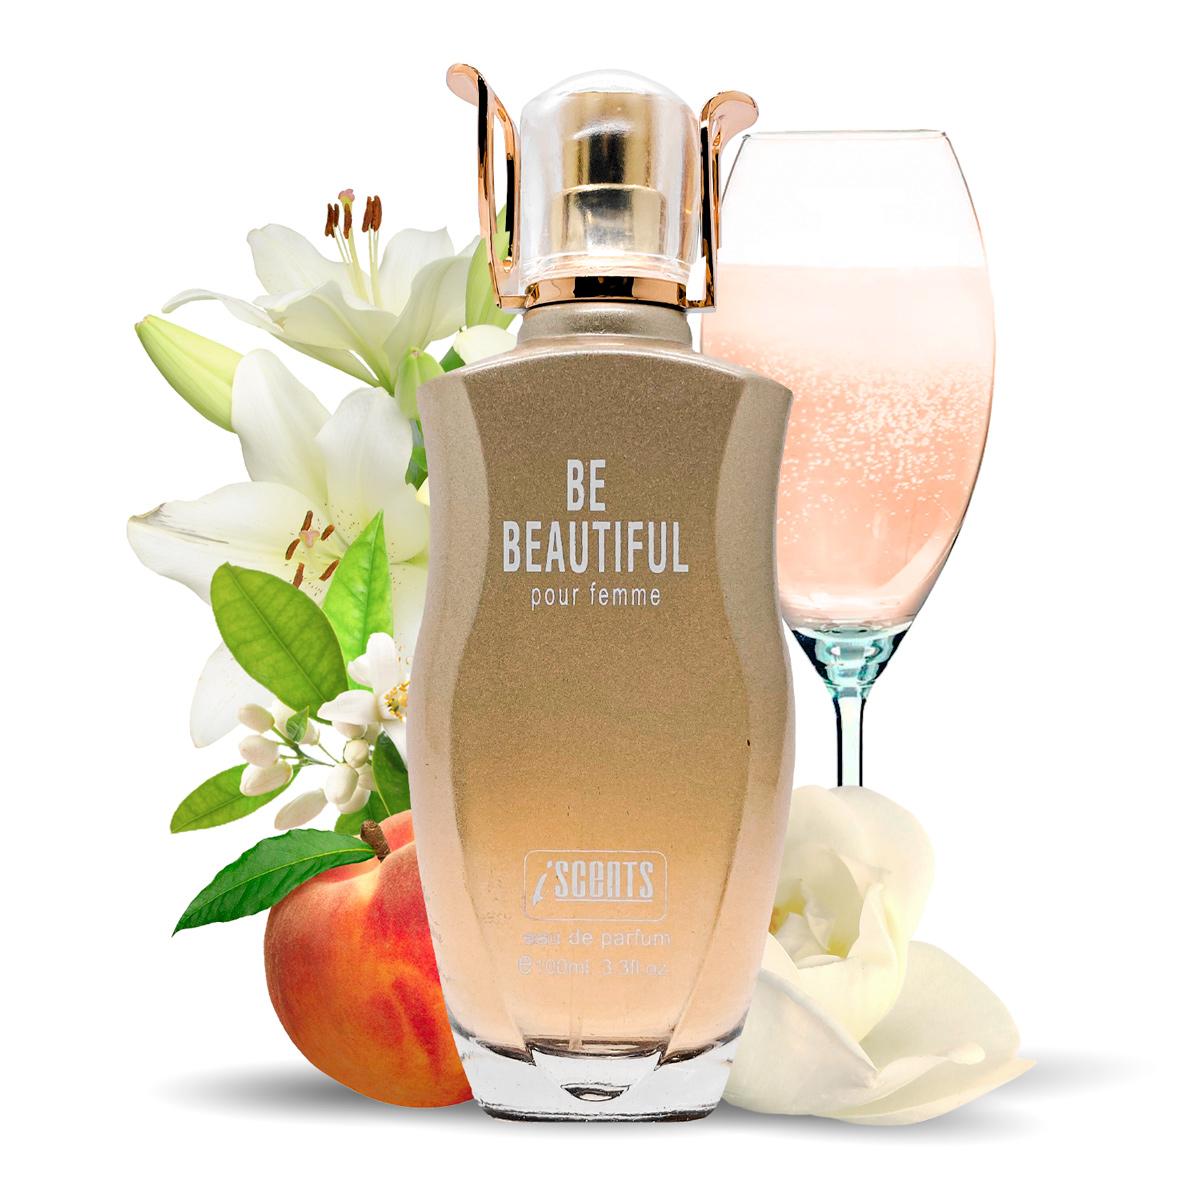 Kit 2 Perfumes Be Beautiful e Ferous Black I Scents